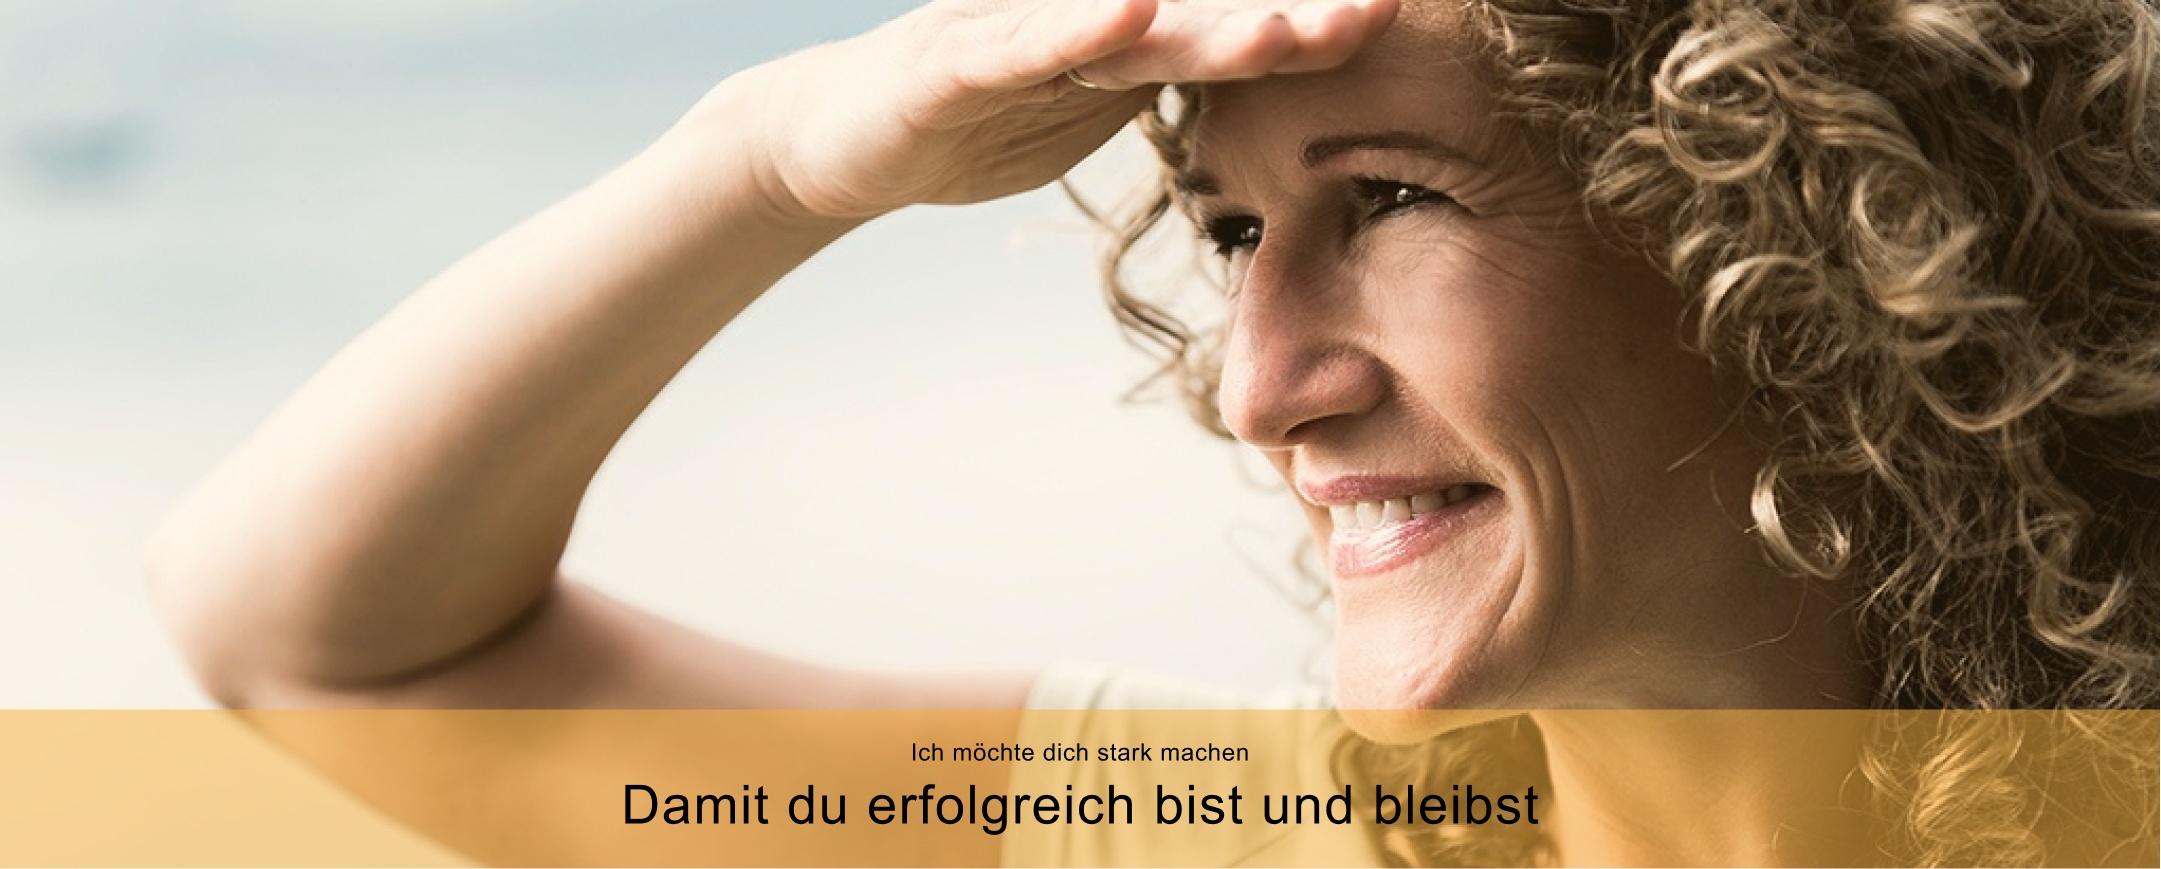 Katharina schaut in die positive Zukunft